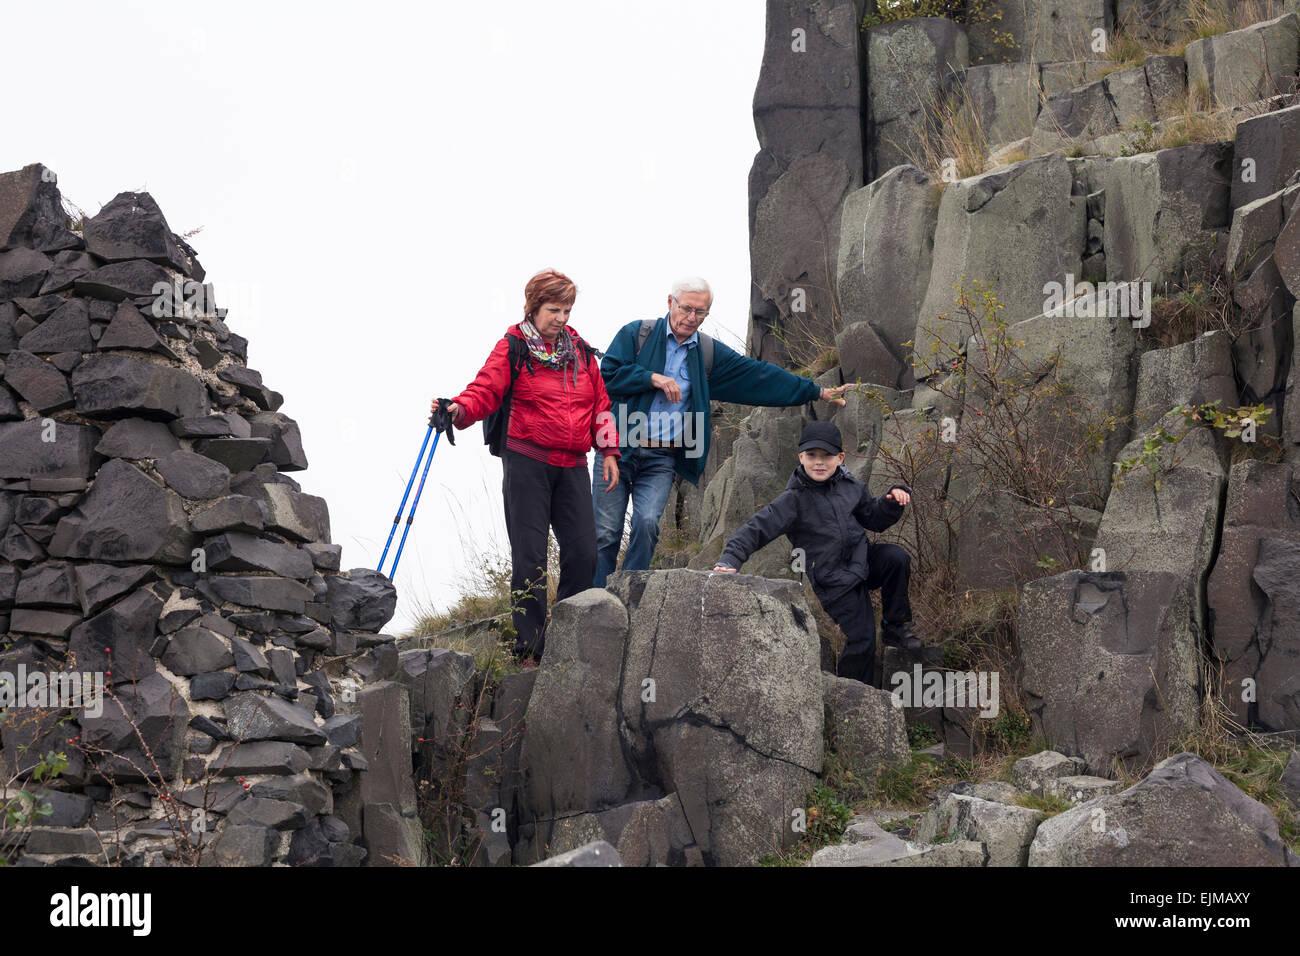 Las parejas ancianas y niños boy trekking en terrenos rocosos. Imagen De Stock